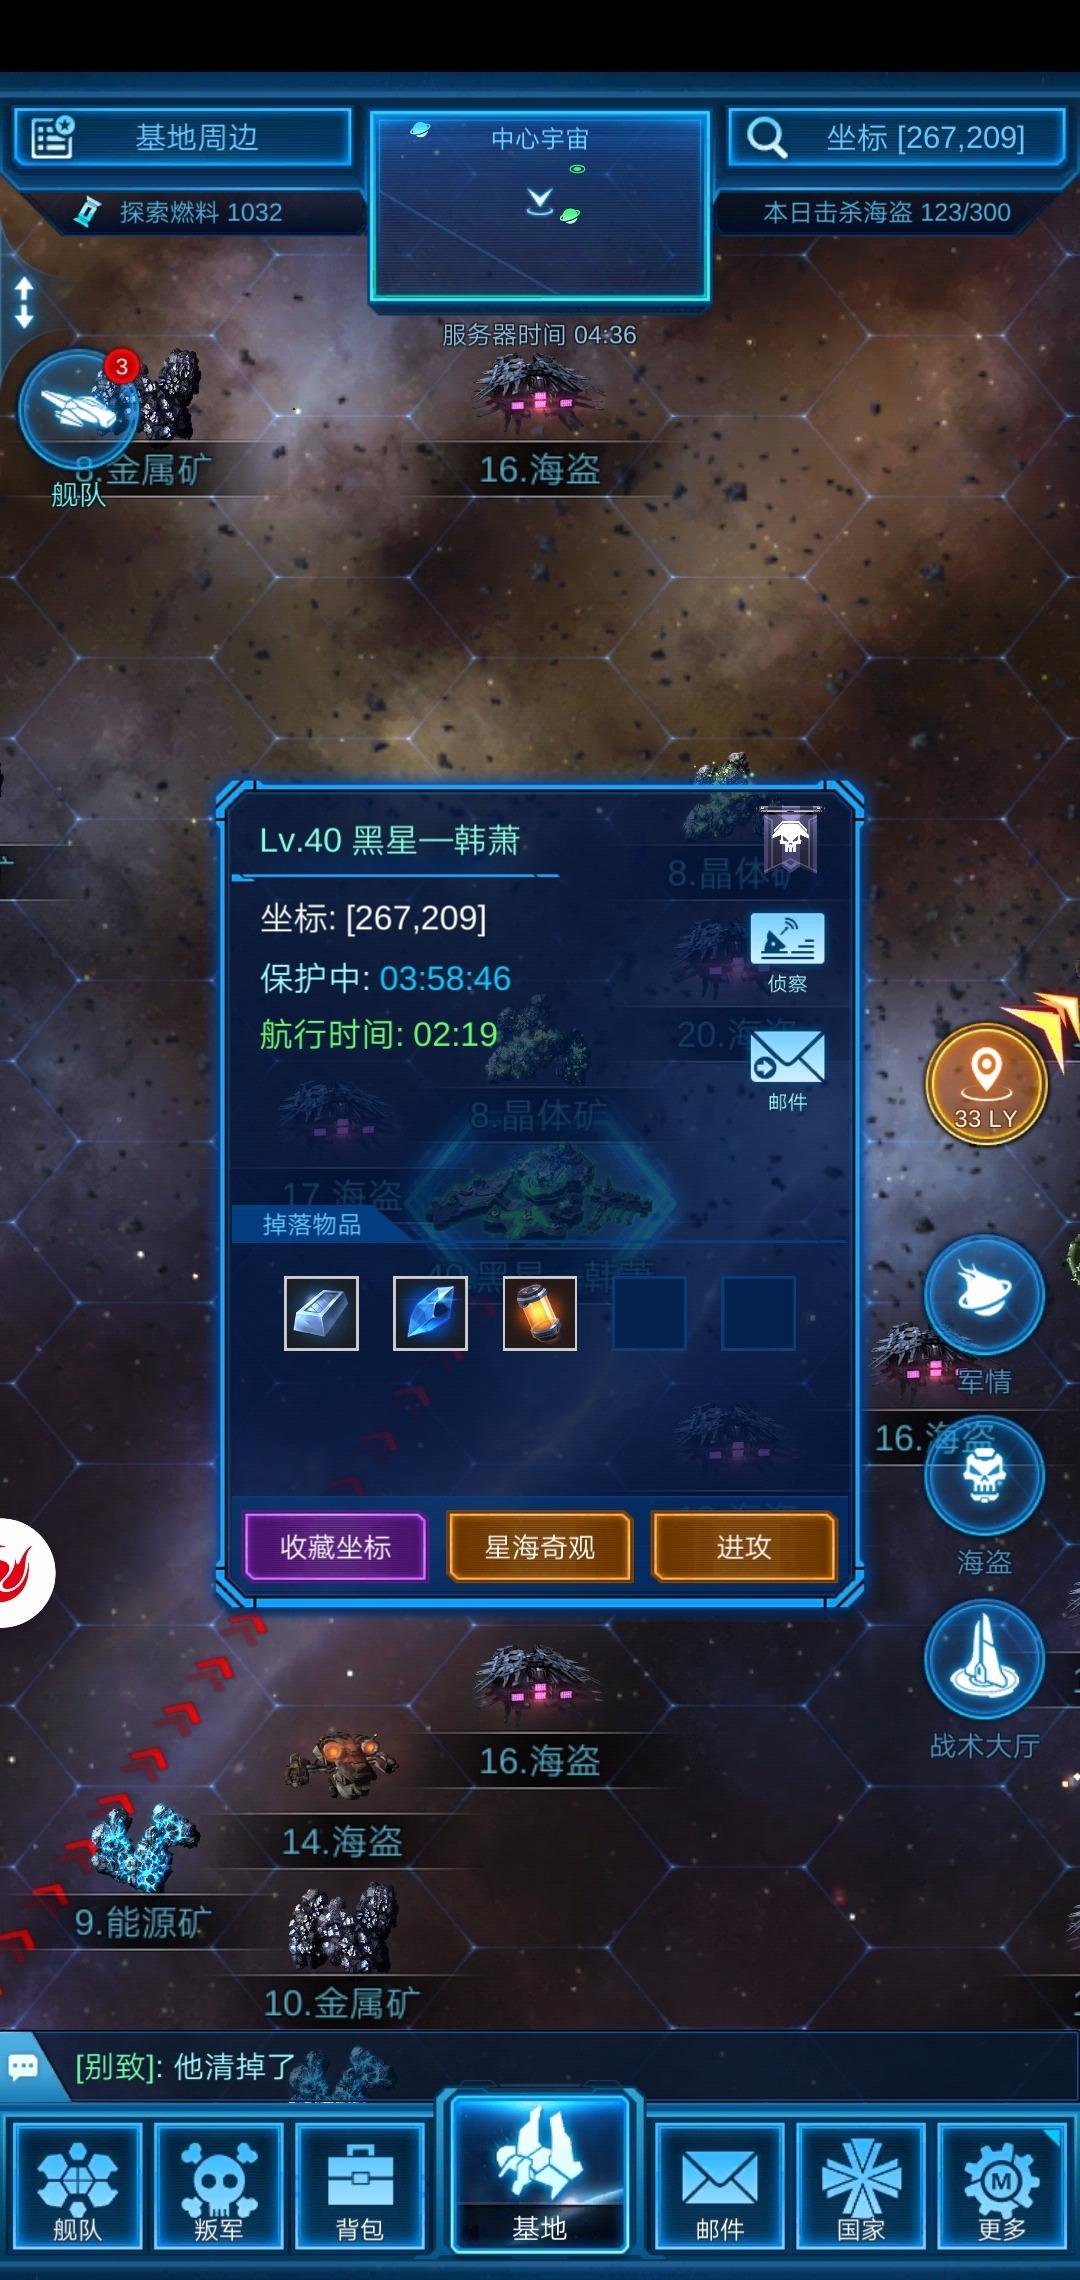 Screenshot_20200319_043651.jpg